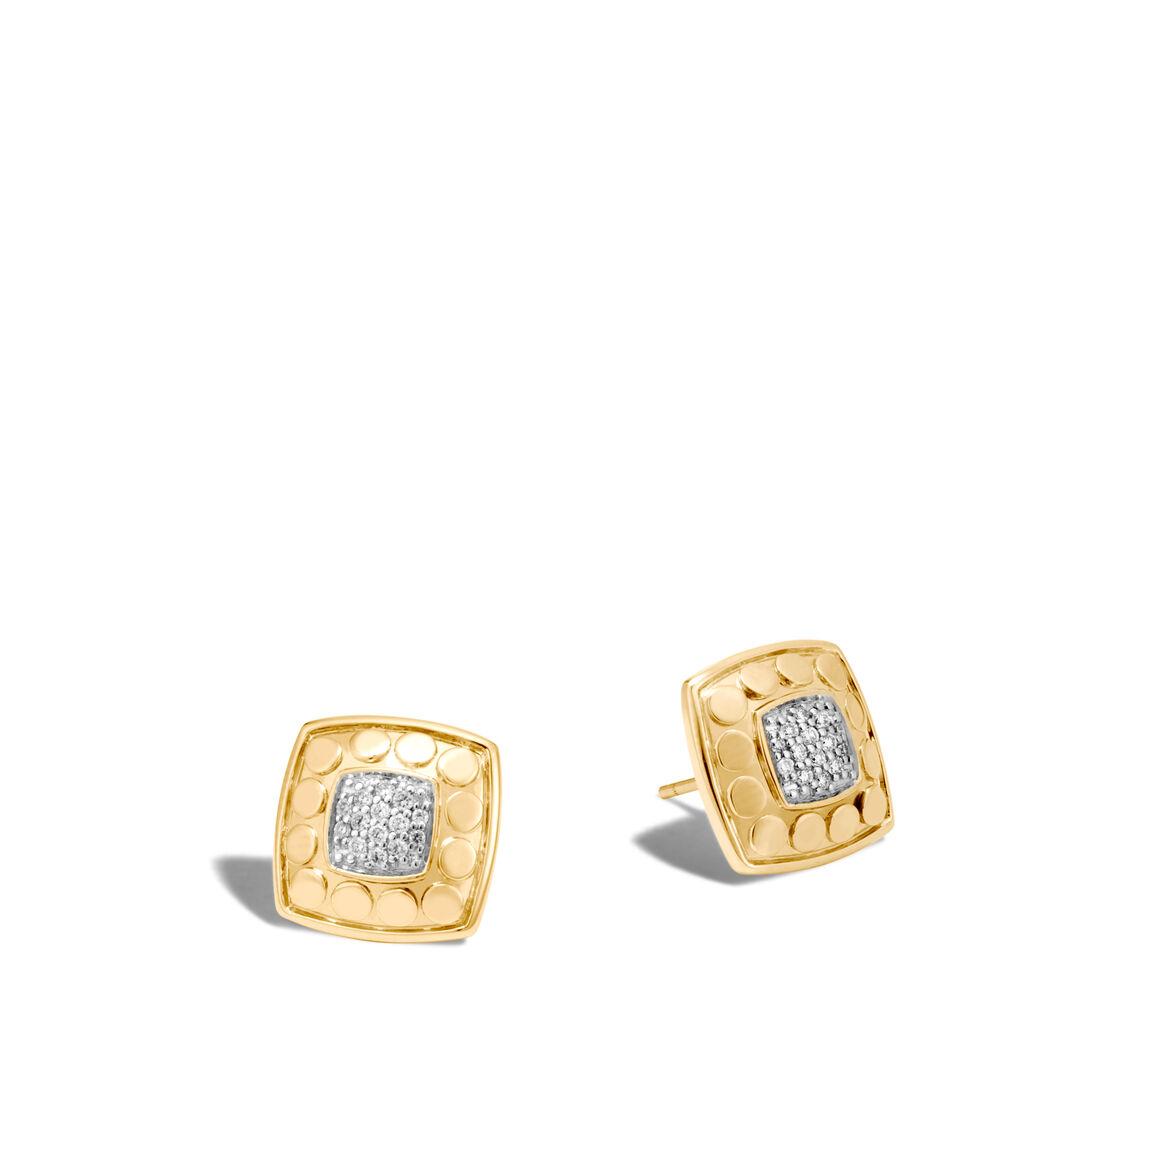 Dot Stud Earrings in 18K Gold with Diamonds